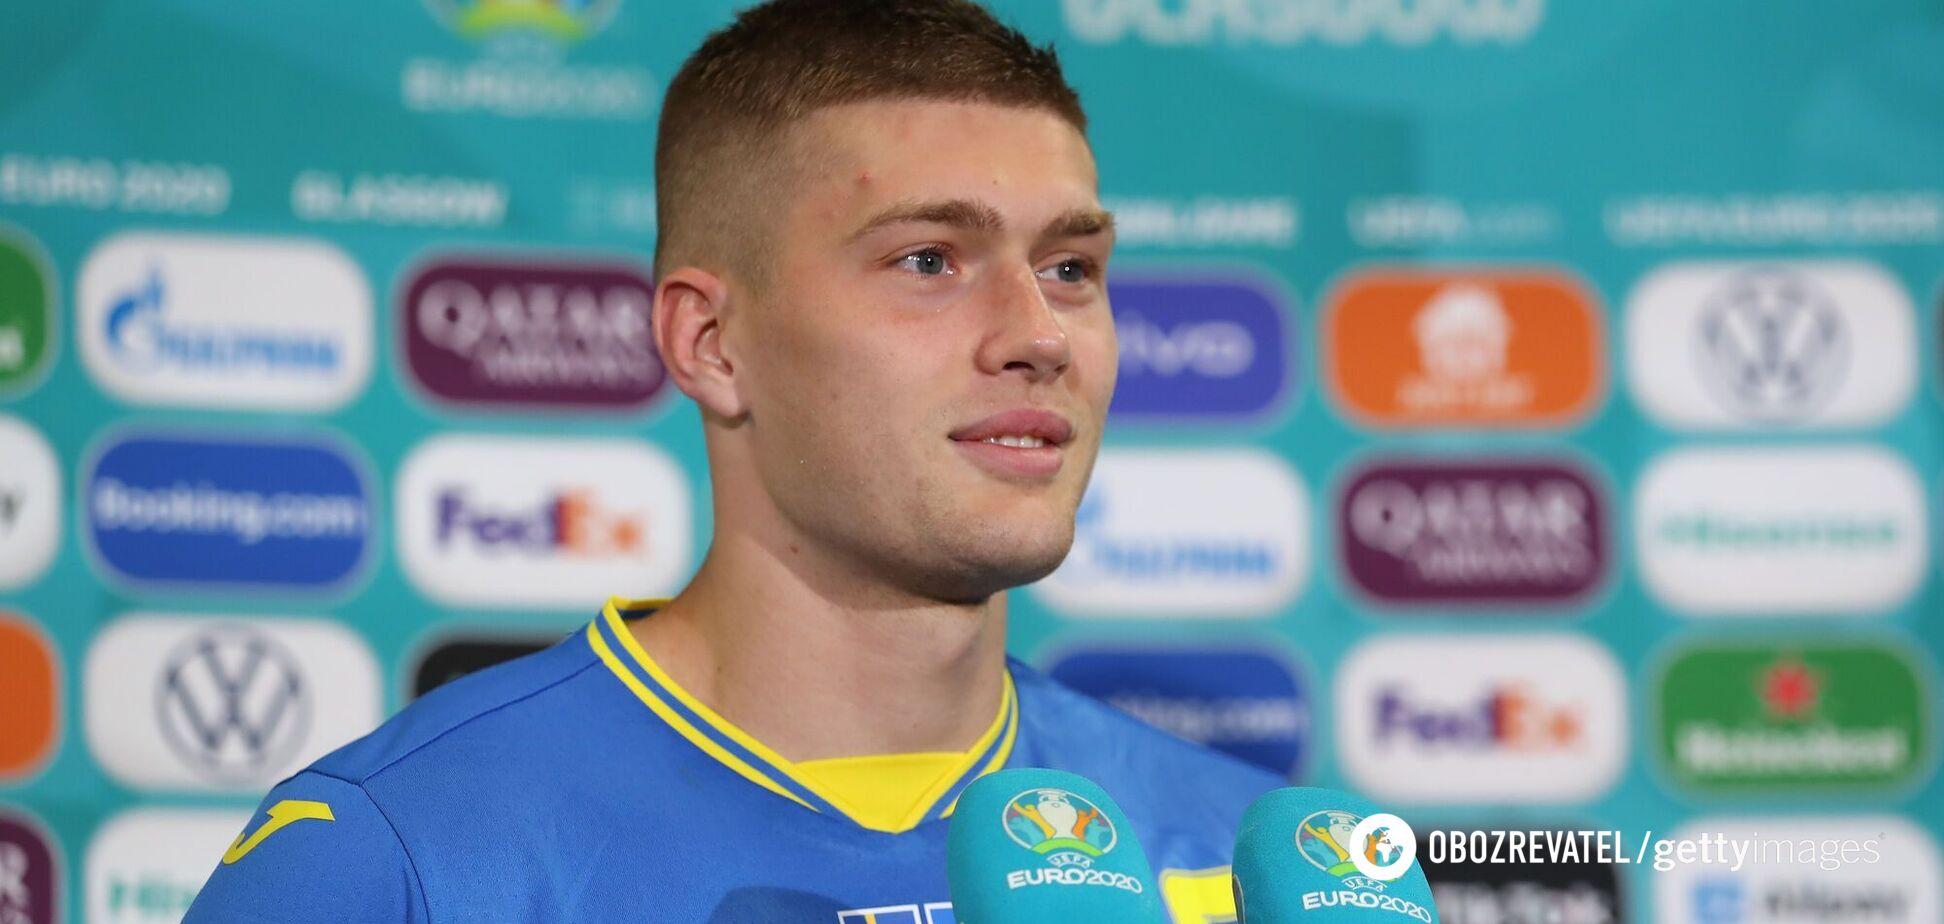 Довбик сказав, що потрібно Україні для перемоги над Англією в матчі Євро-2020